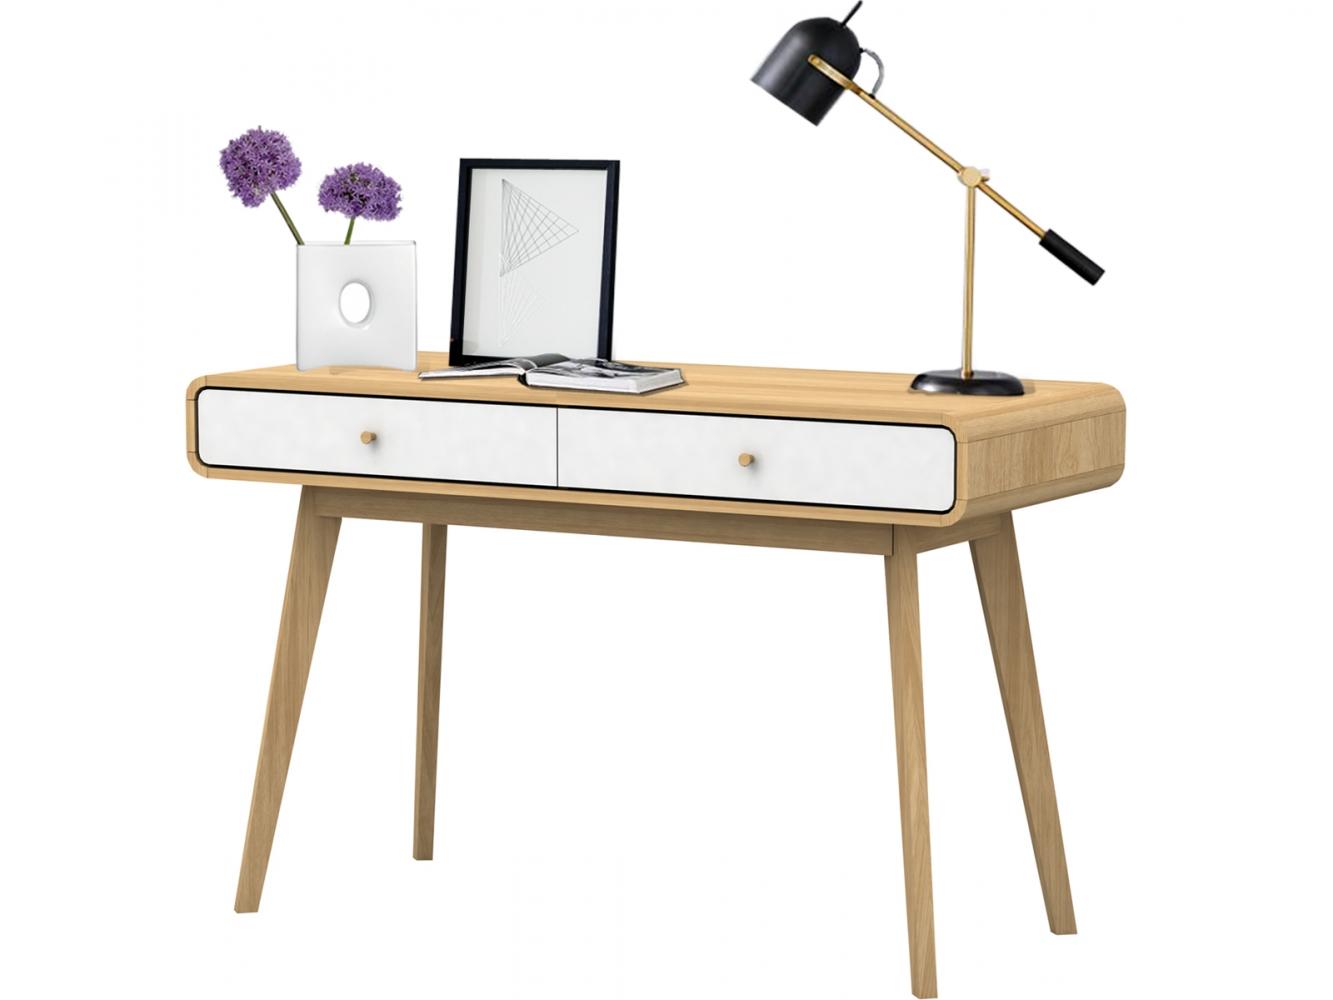 Pracovní stůl Calin, 120 cm, bílá / dub